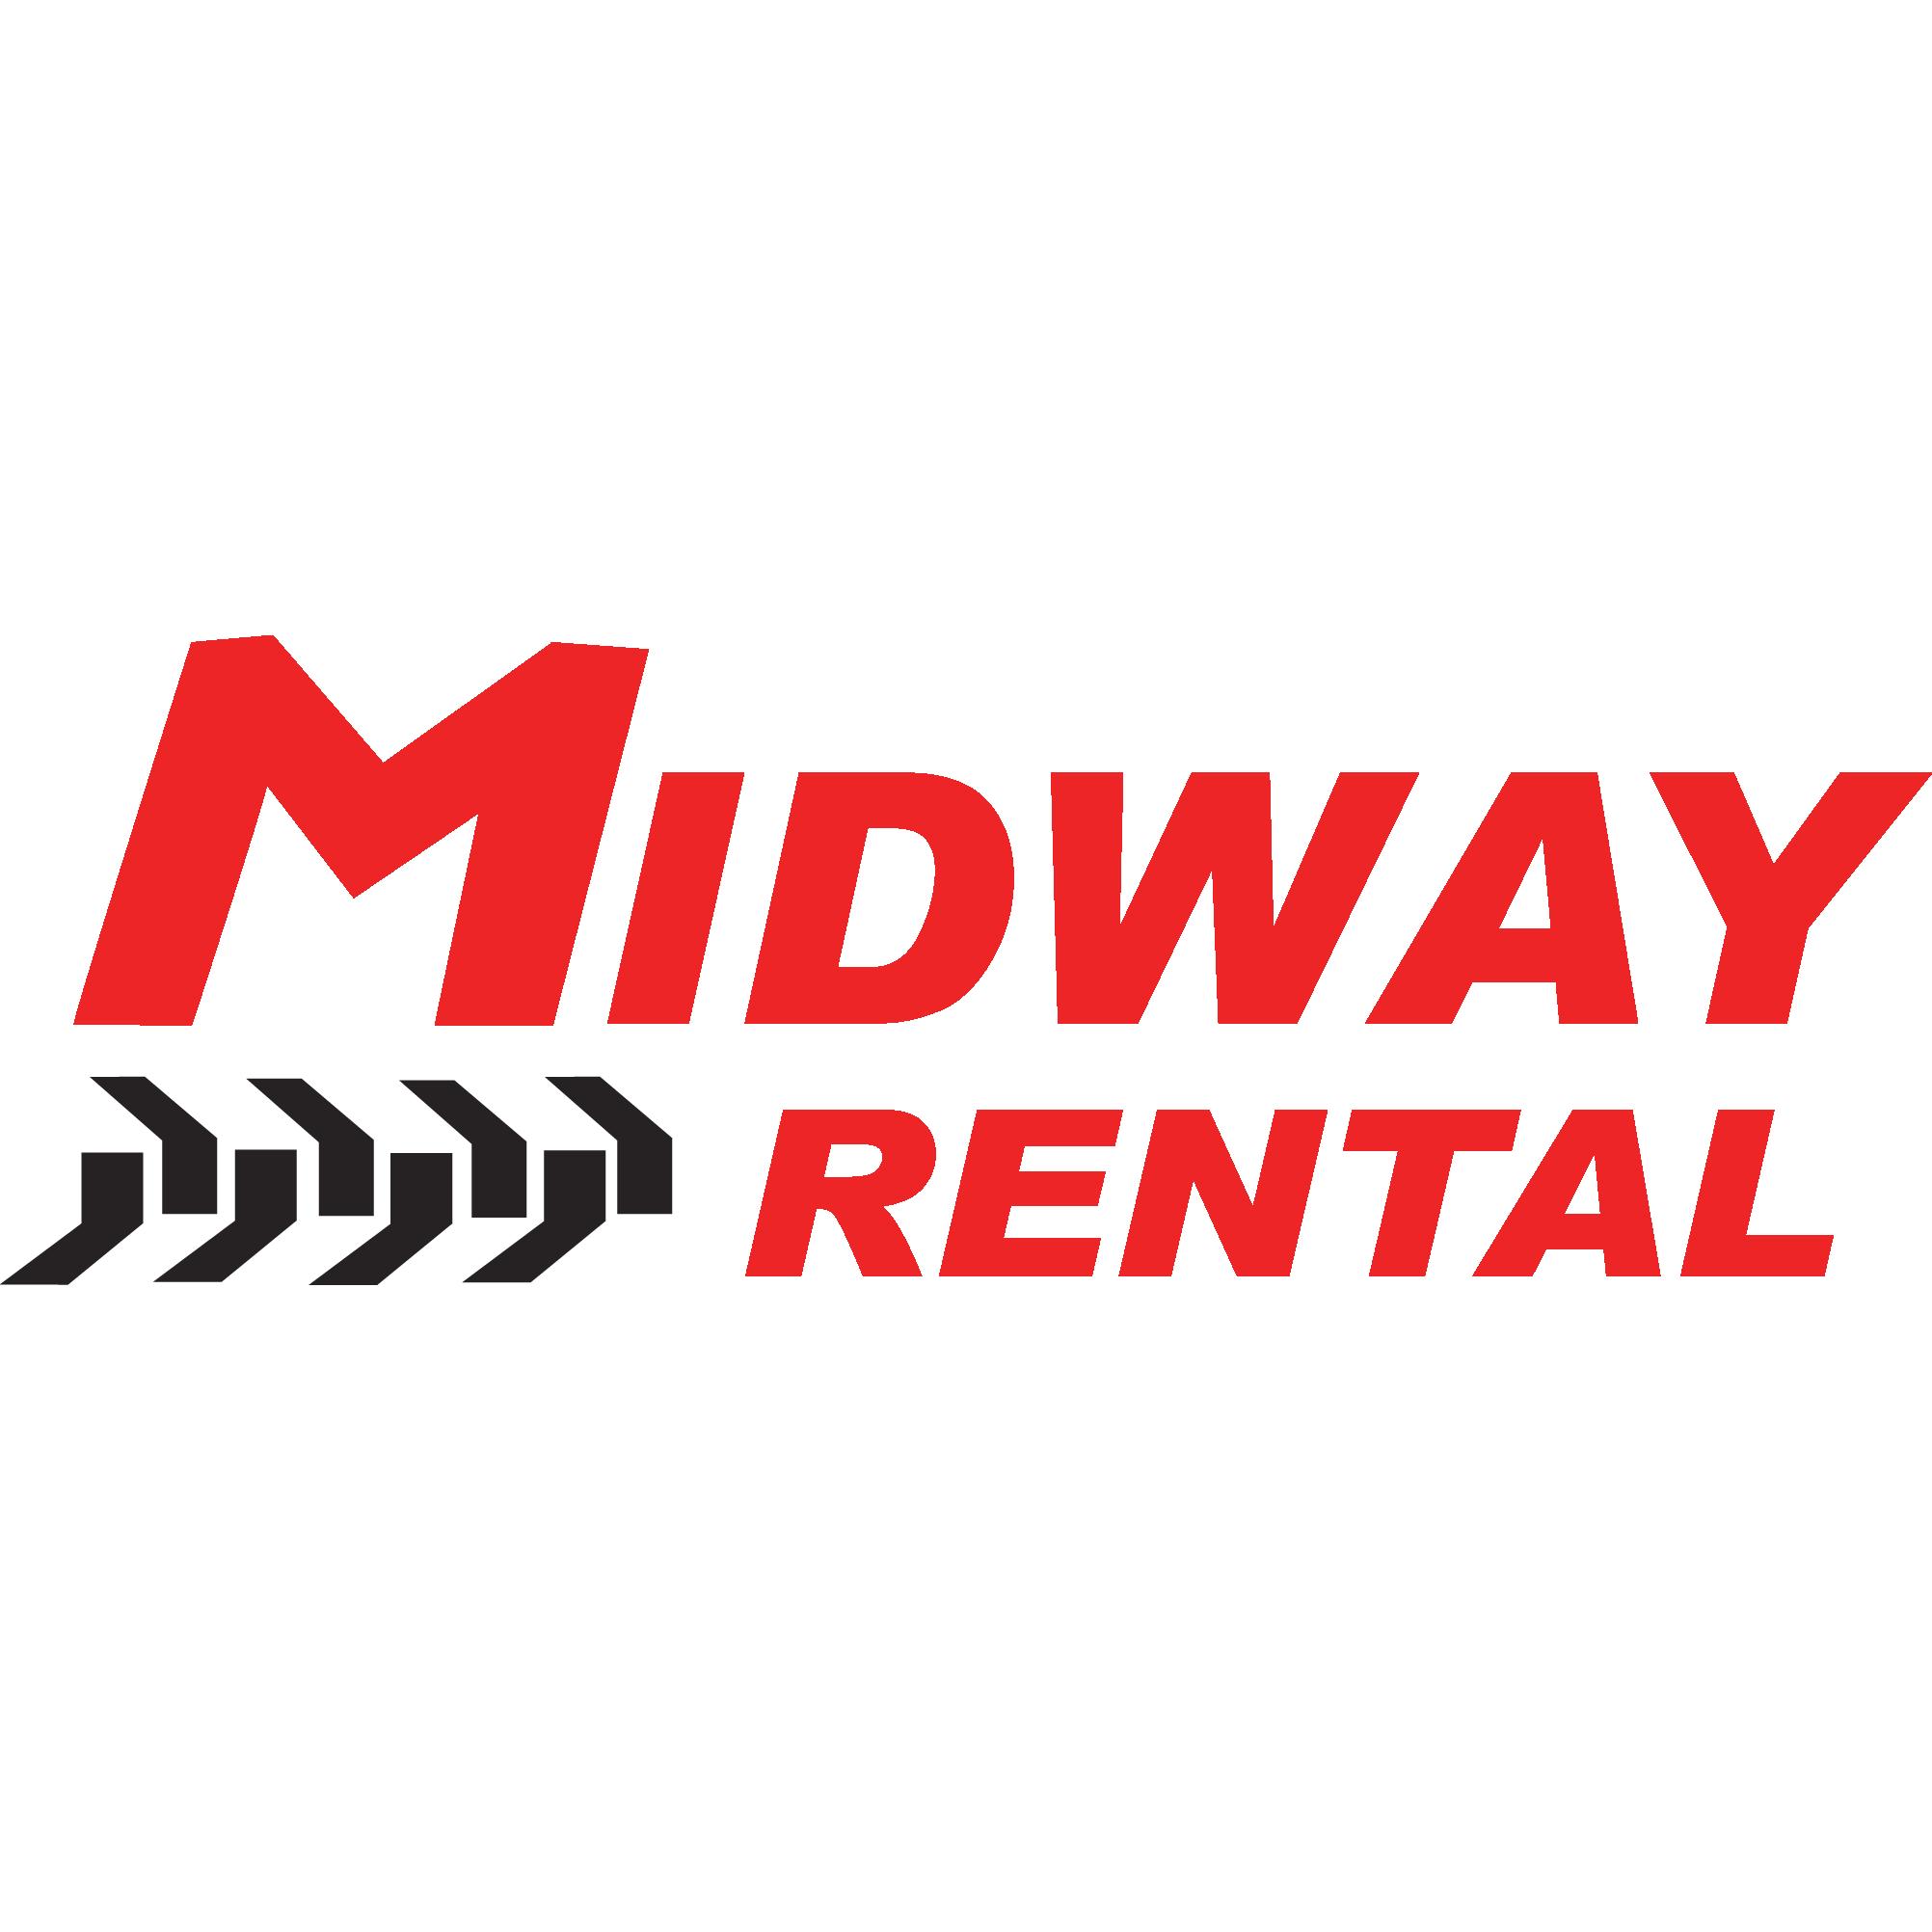 Midway Rental image 5